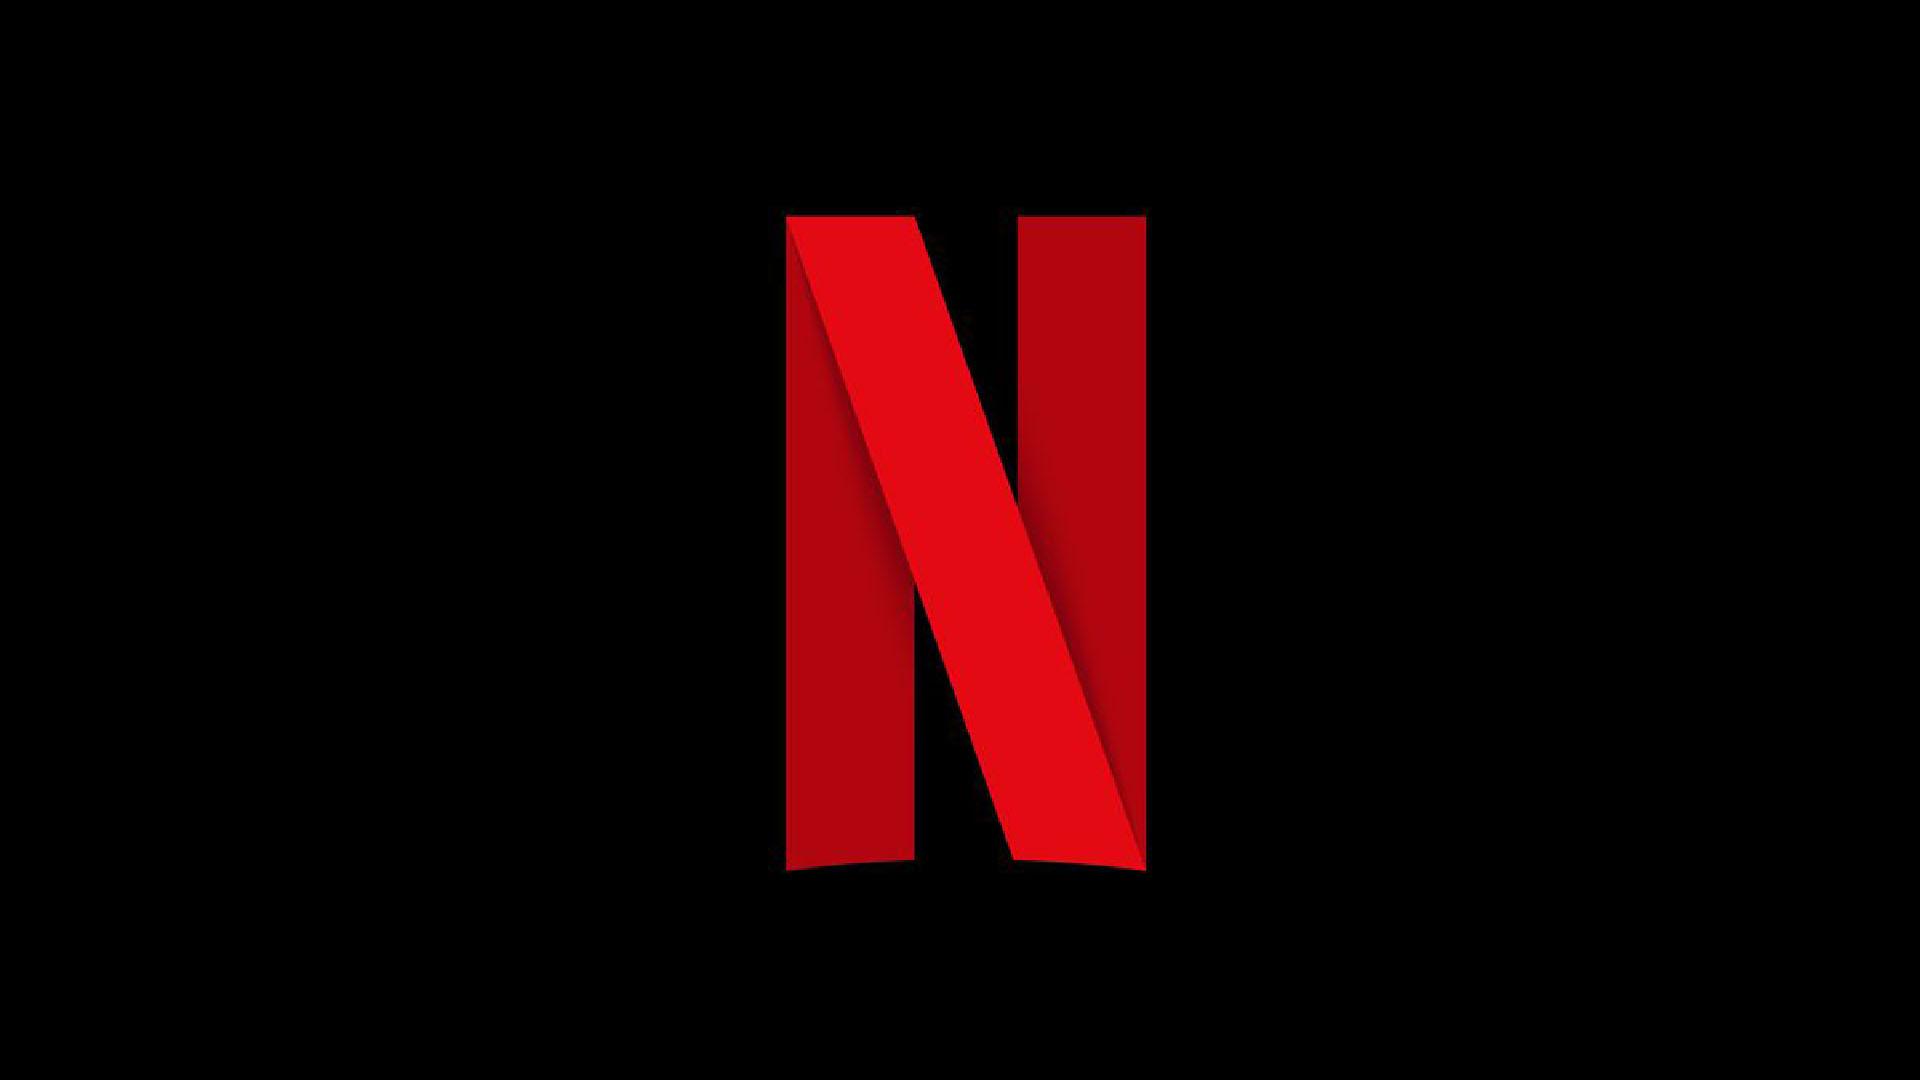 Netflix decide di spostare la sua squadra italiana da Amsterdam a Roma a causa di un indagine fiscale